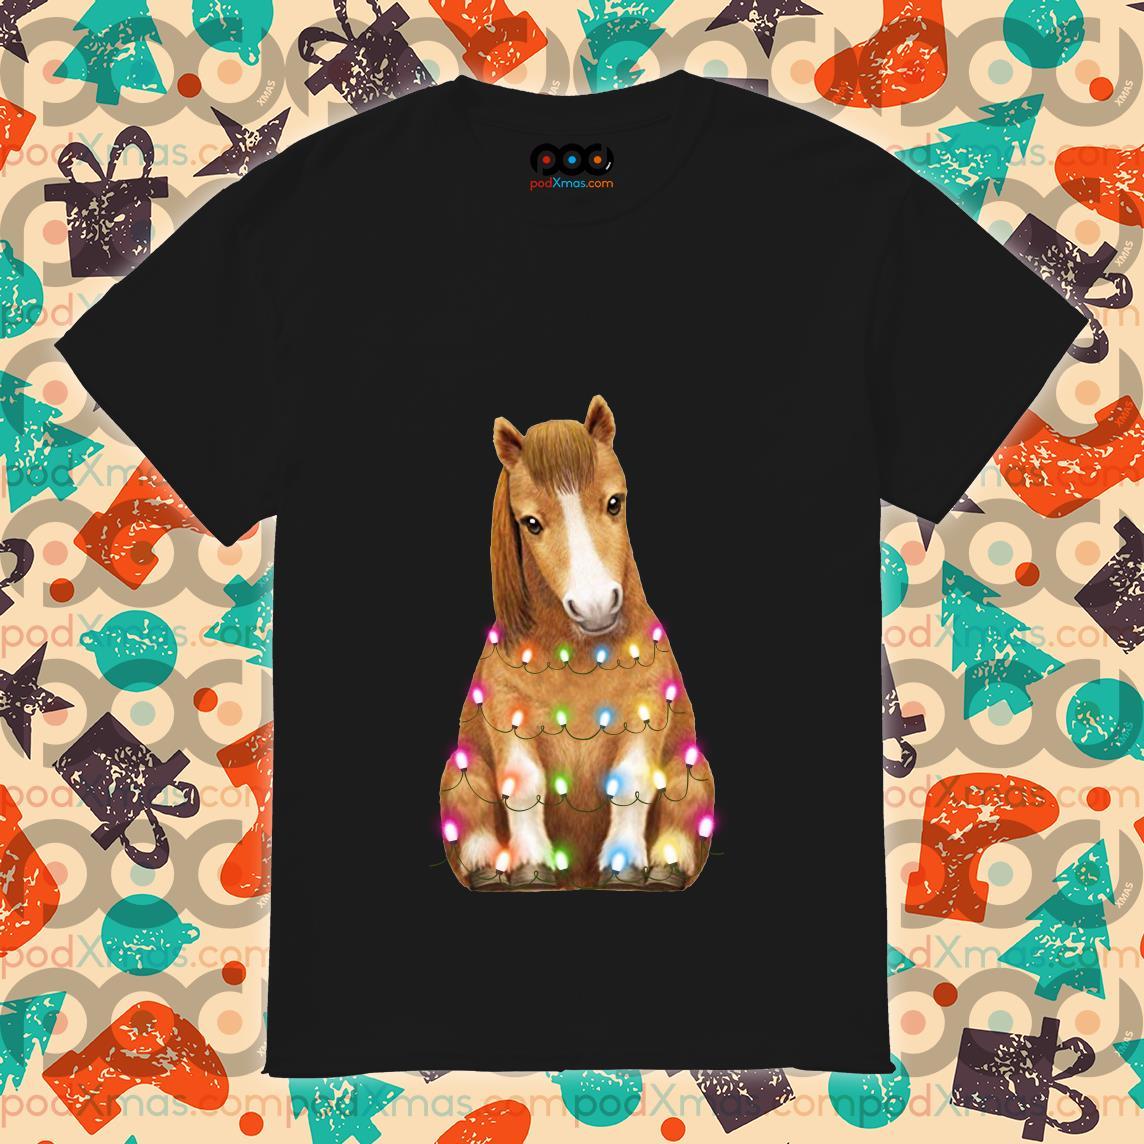 Horse Little Pony Light Christmas shirt